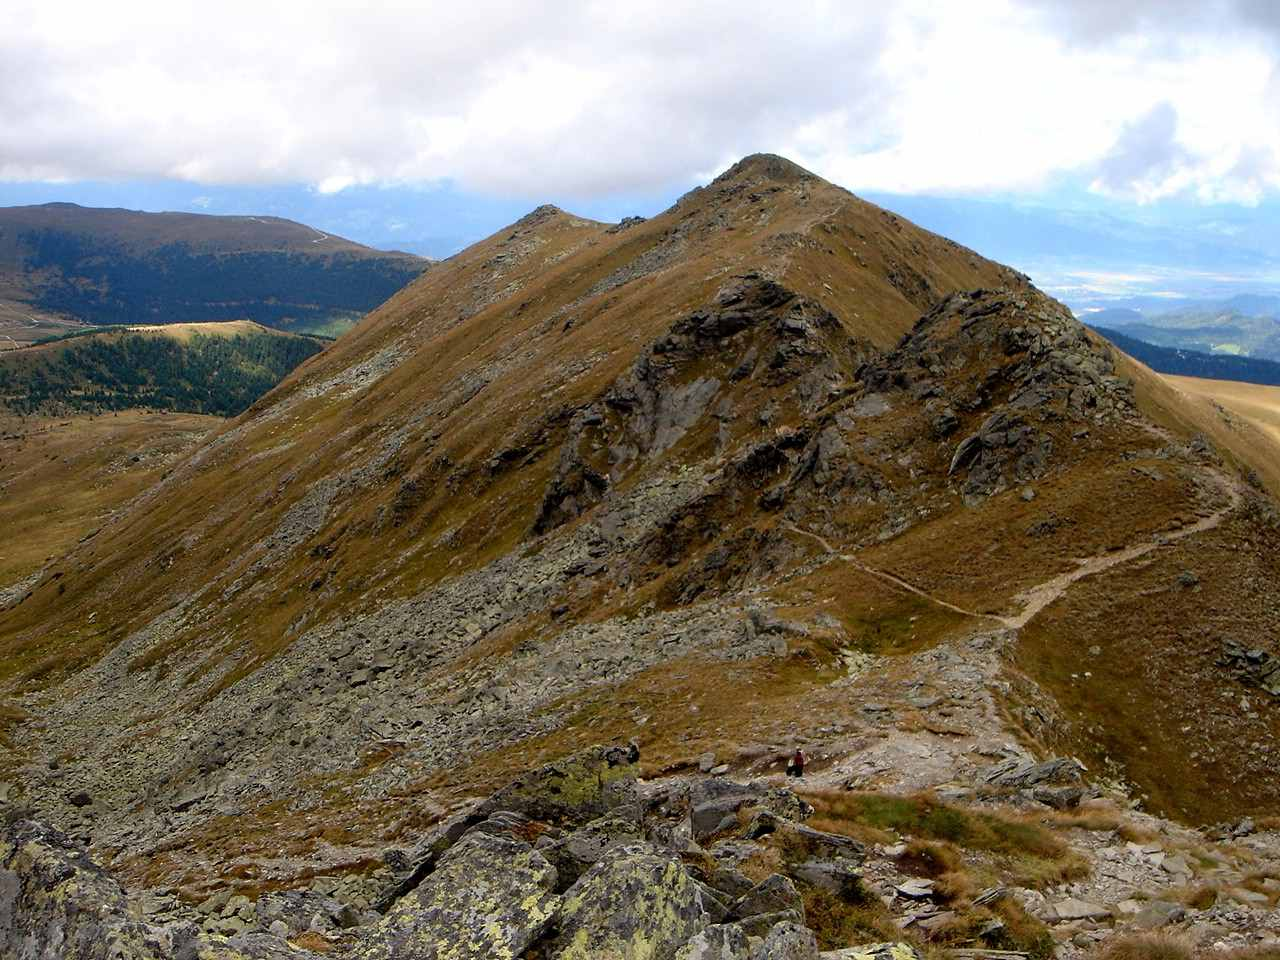 Foto: Manfred Karl / Wander Tour / Kreiskogel - Zirbitzkogel / Abstieg vom Scharfen Eck / 19.06.2007 05:46:25